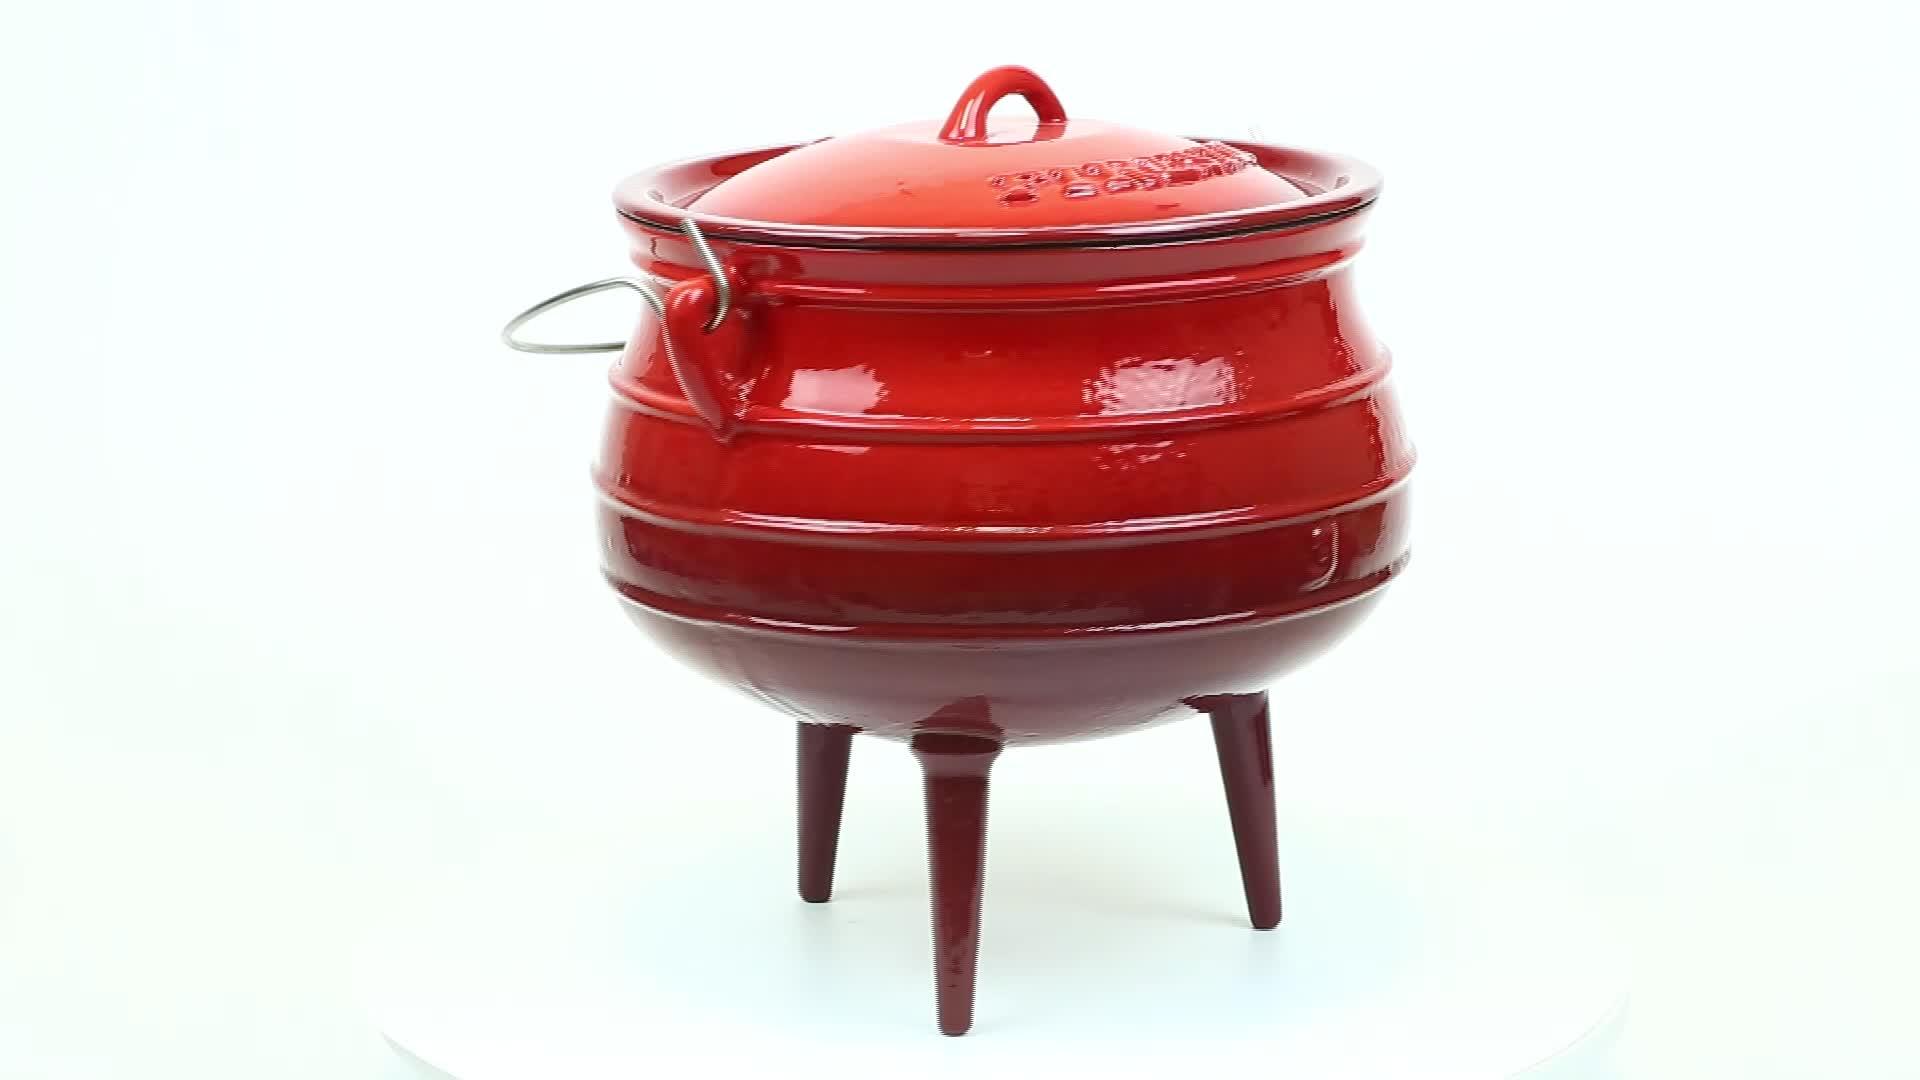 लाल तामचीनी कच्चा लोहा Potjie पॉट 3 के साथ पैर कच्चा लोहा देग़